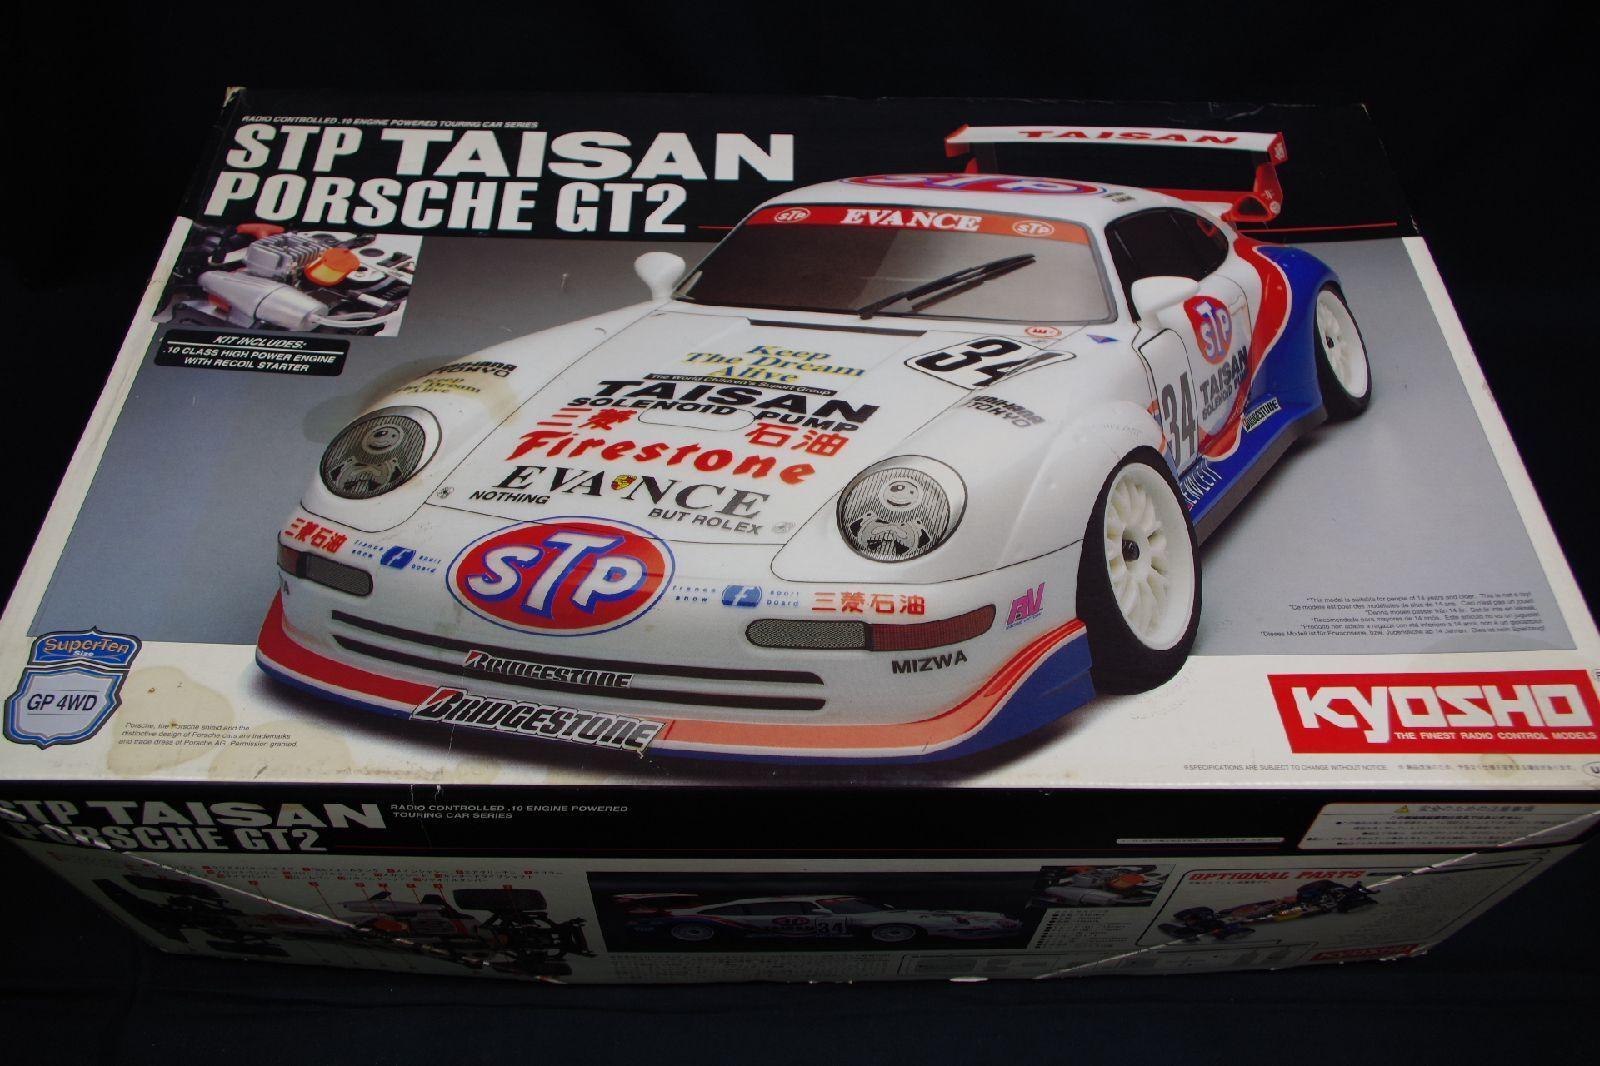 Raro Kyosho STP TAISAN Porsche GT2 4WD radio escala 1 10 Car Kit plástico modelo